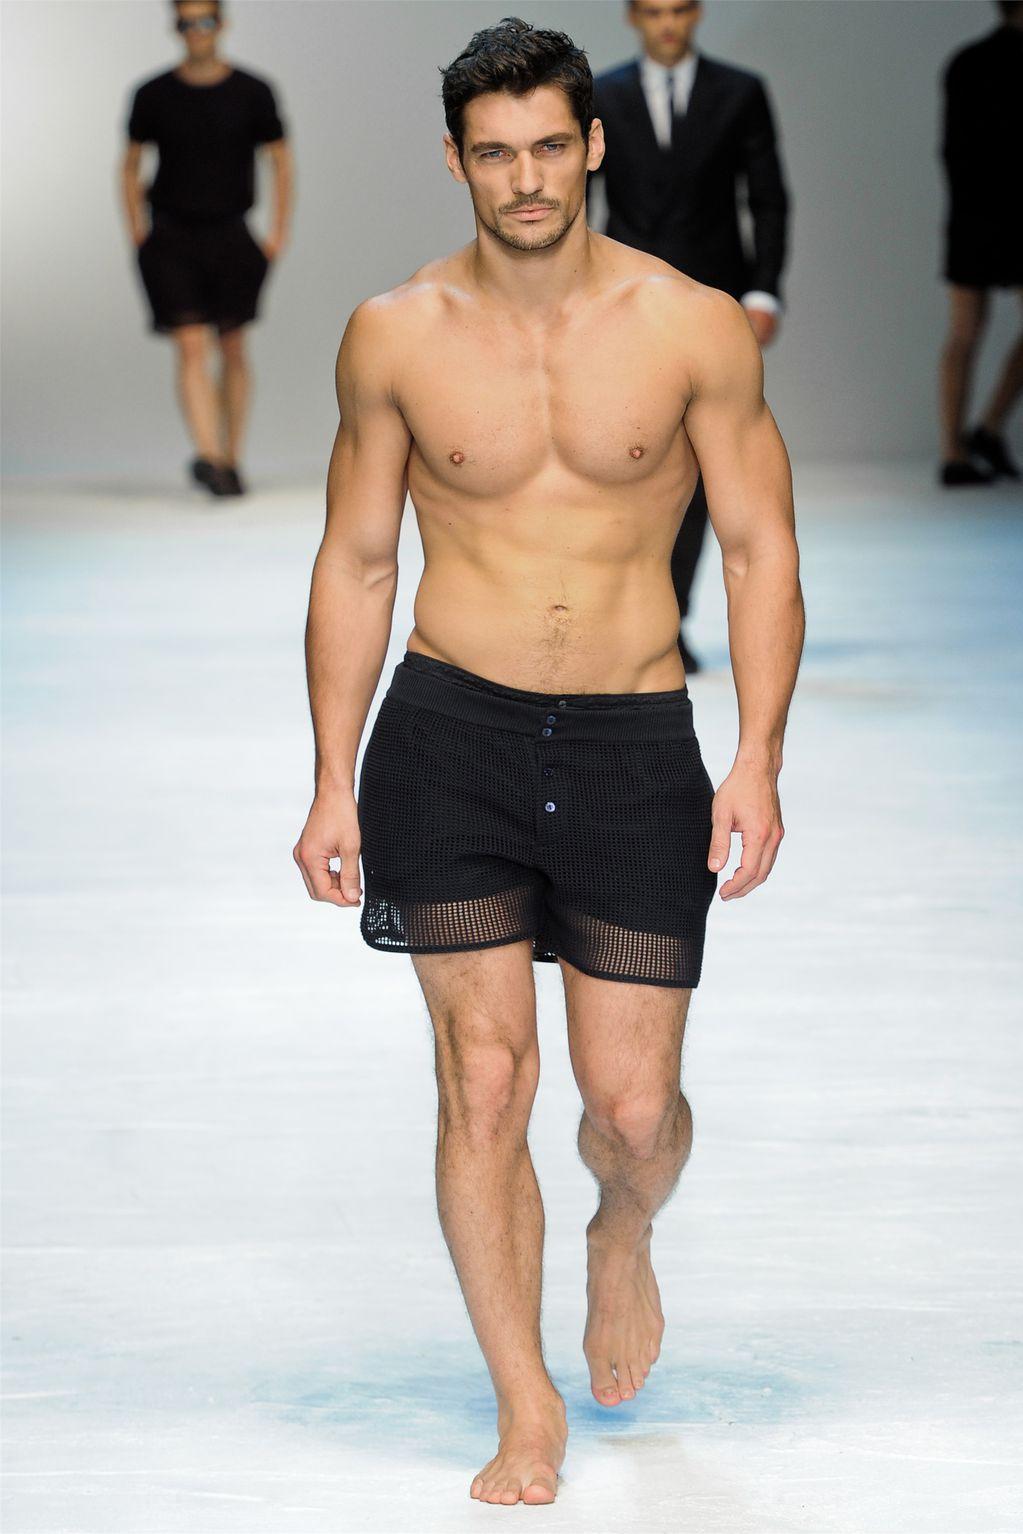 Fashion Week Satorialist